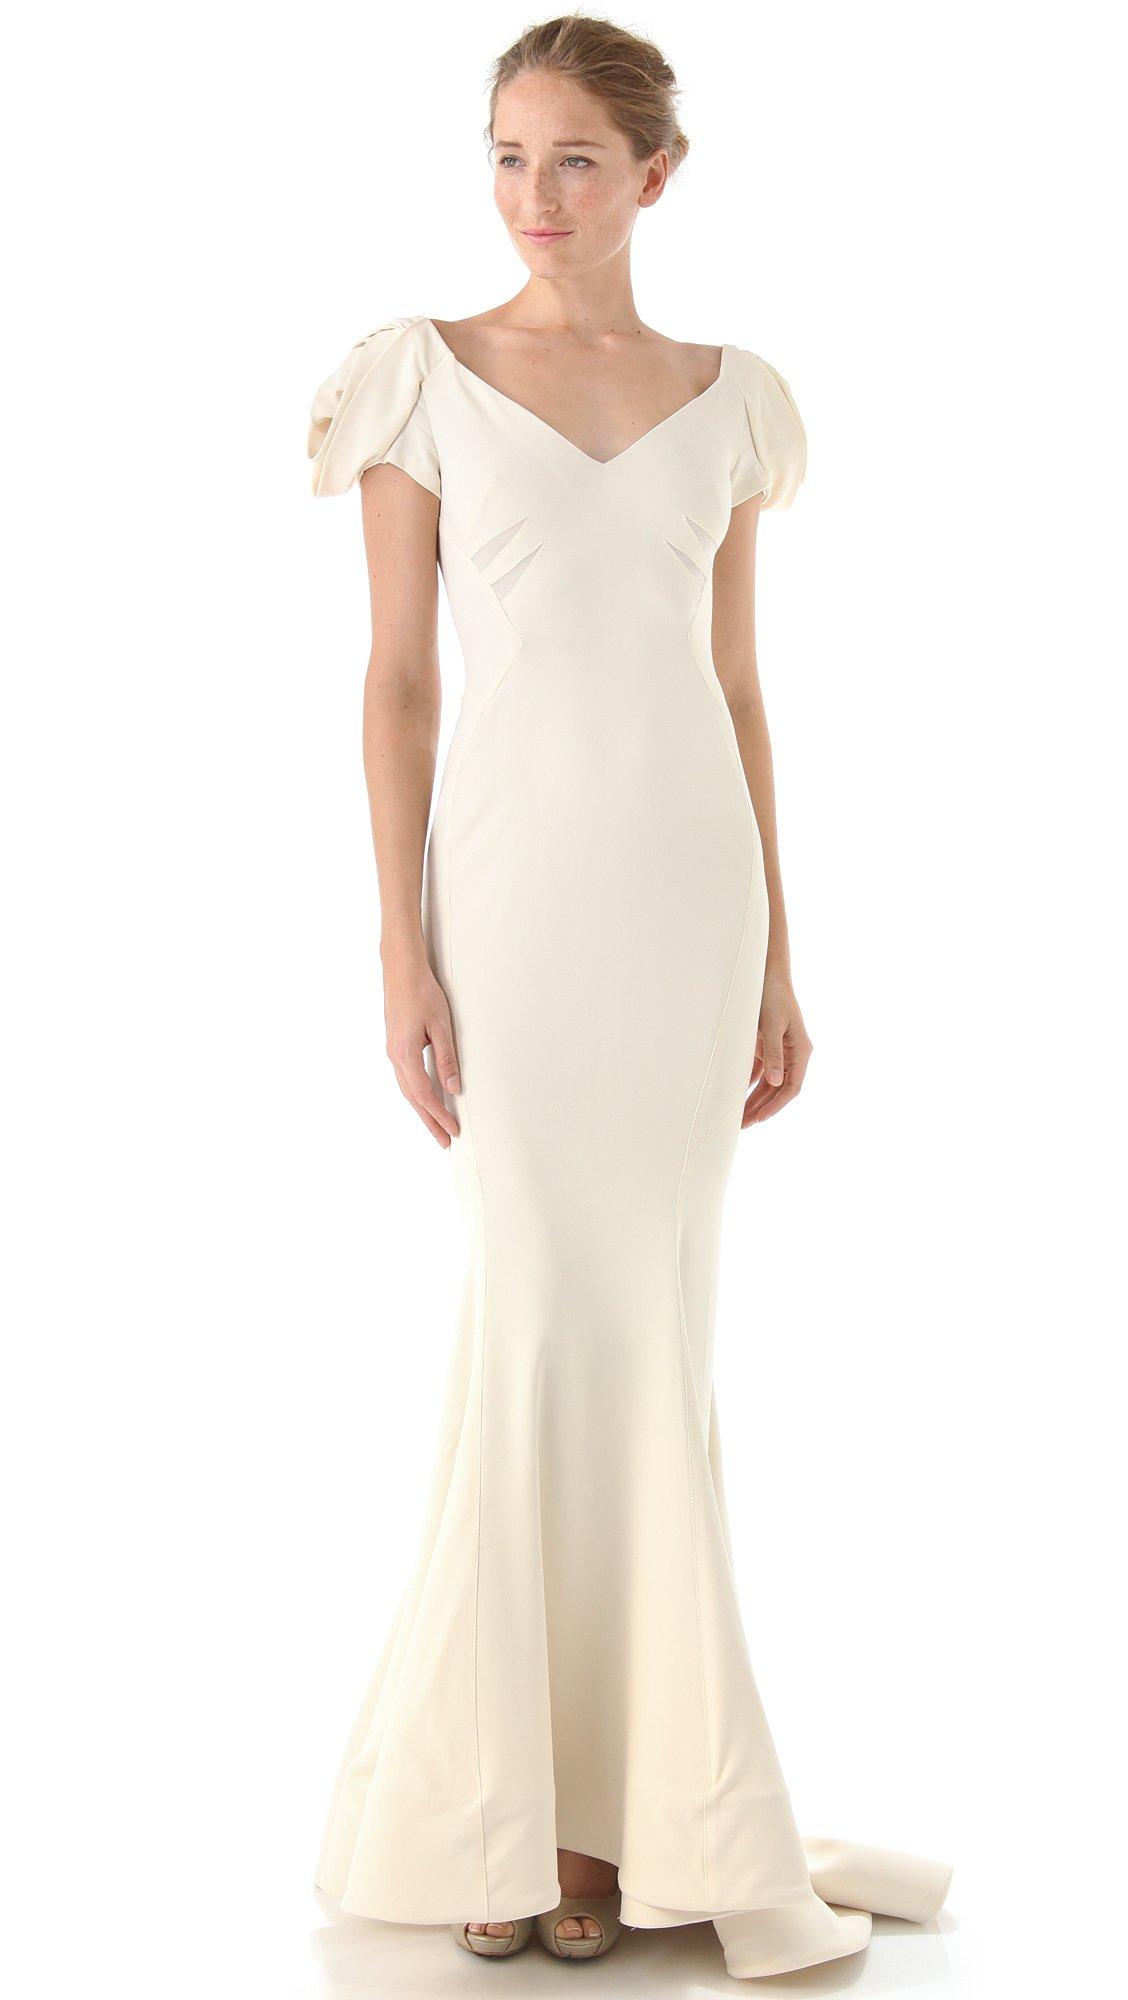 White zac posen dress.